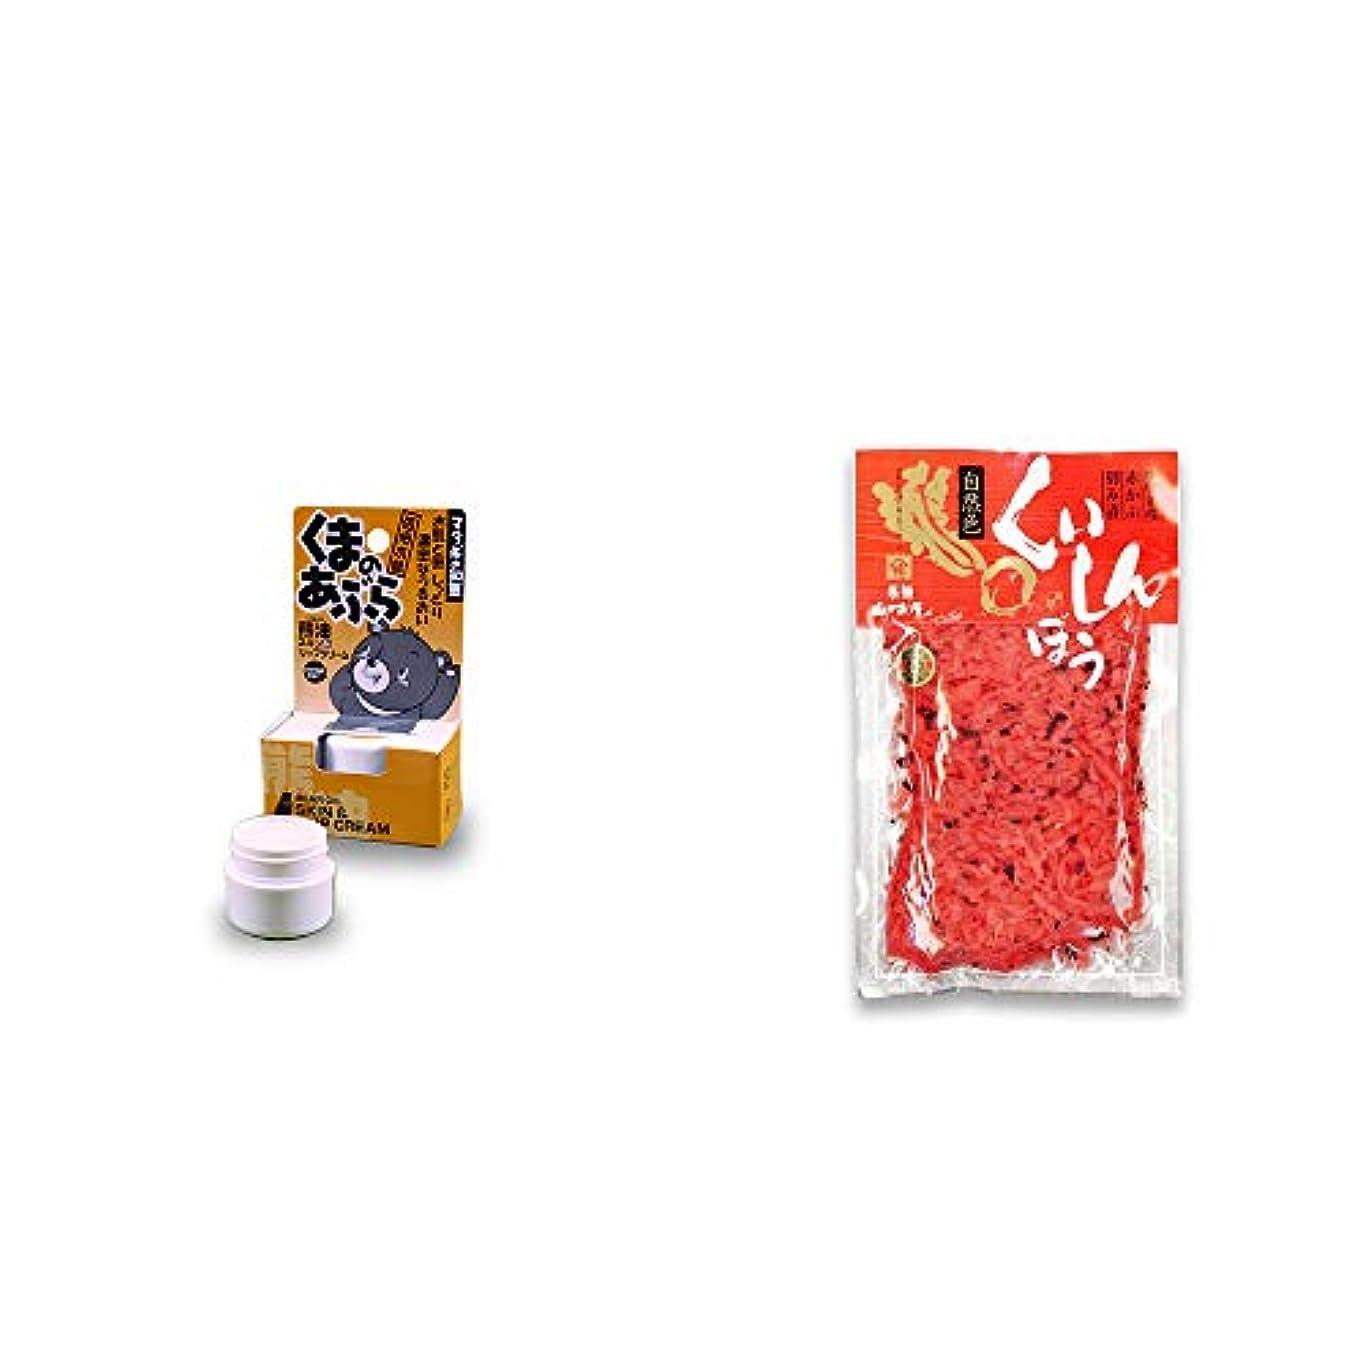 フィード剪断ボット[2点セット] 信州木曽 くまのあぶら 熊油スキン&リップクリーム(9g)?飛騨山味屋 くいしんぼう【大】(260g) [赤かぶ刻み漬け]